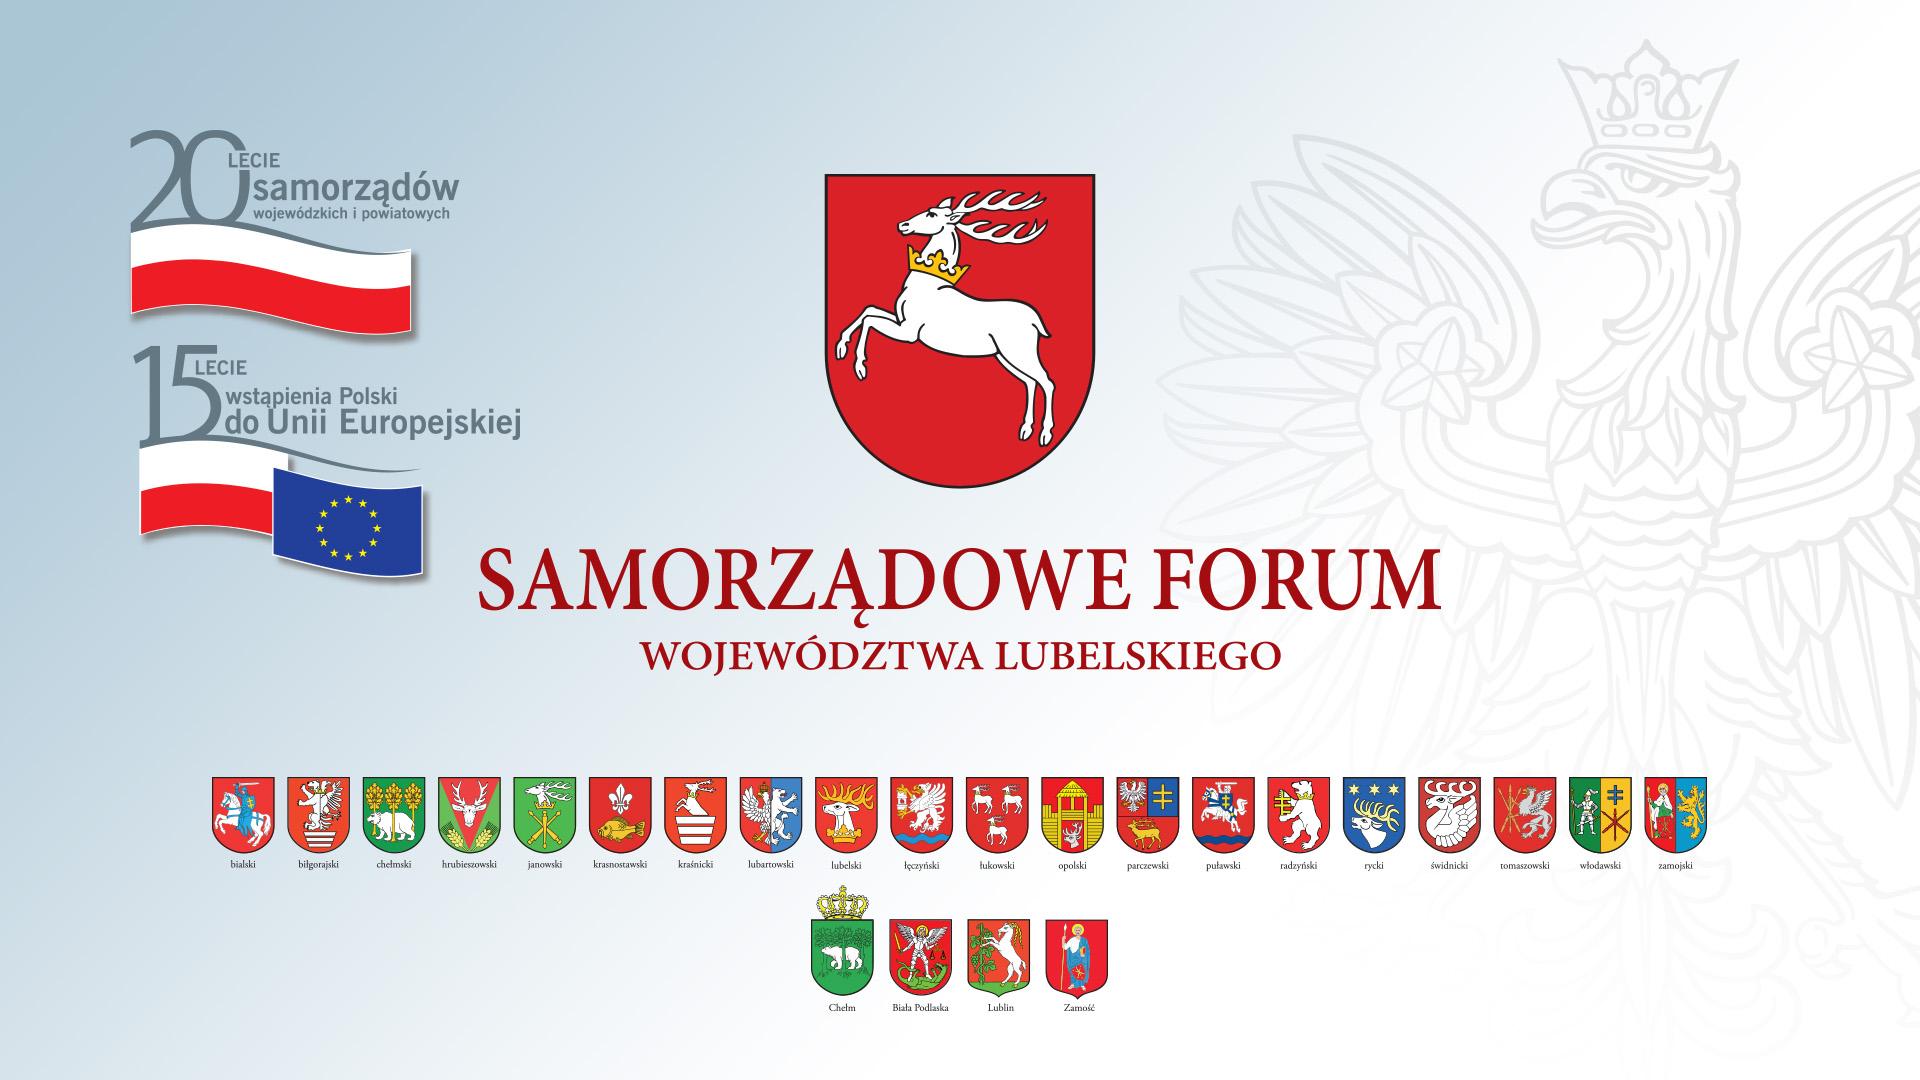 Historia samorządu terytorialnego w Polsce sięga jeszcze I Rzeczpospolitej